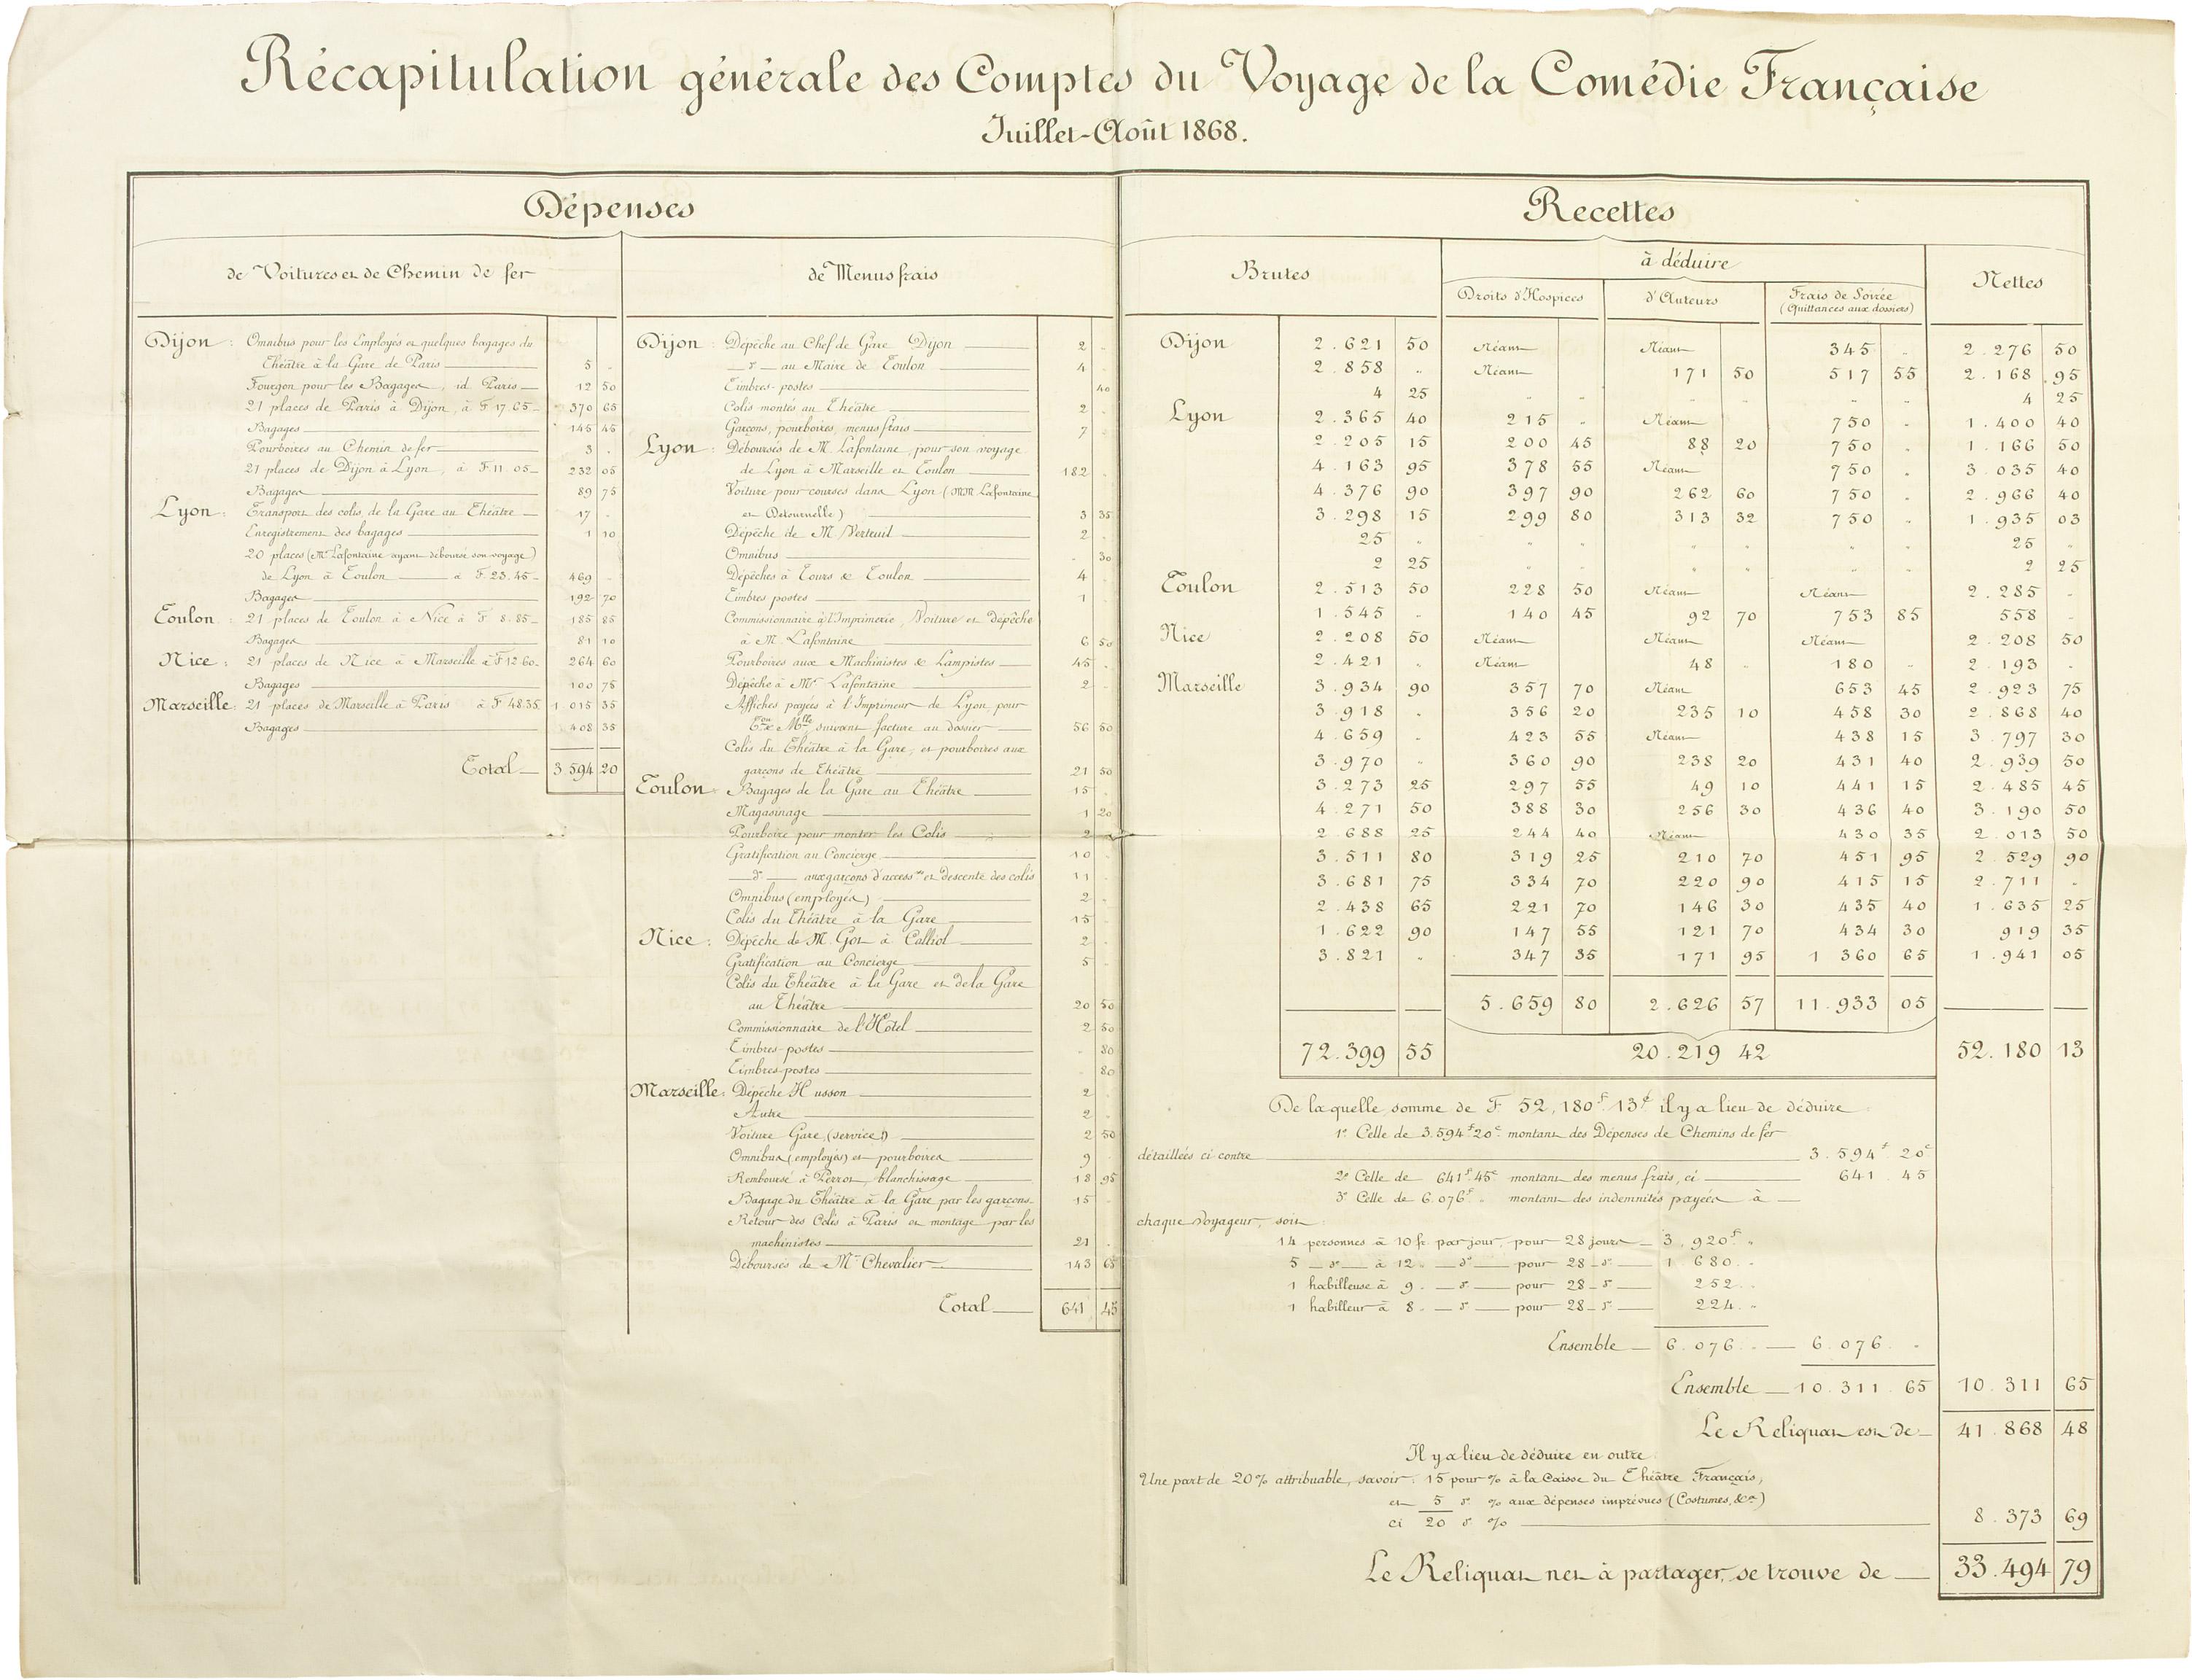 Comptes de voyage de la Comédie Française - Patrimoine Charles-André COLONNA WALEWSKI, en ligne directe de Napoléon